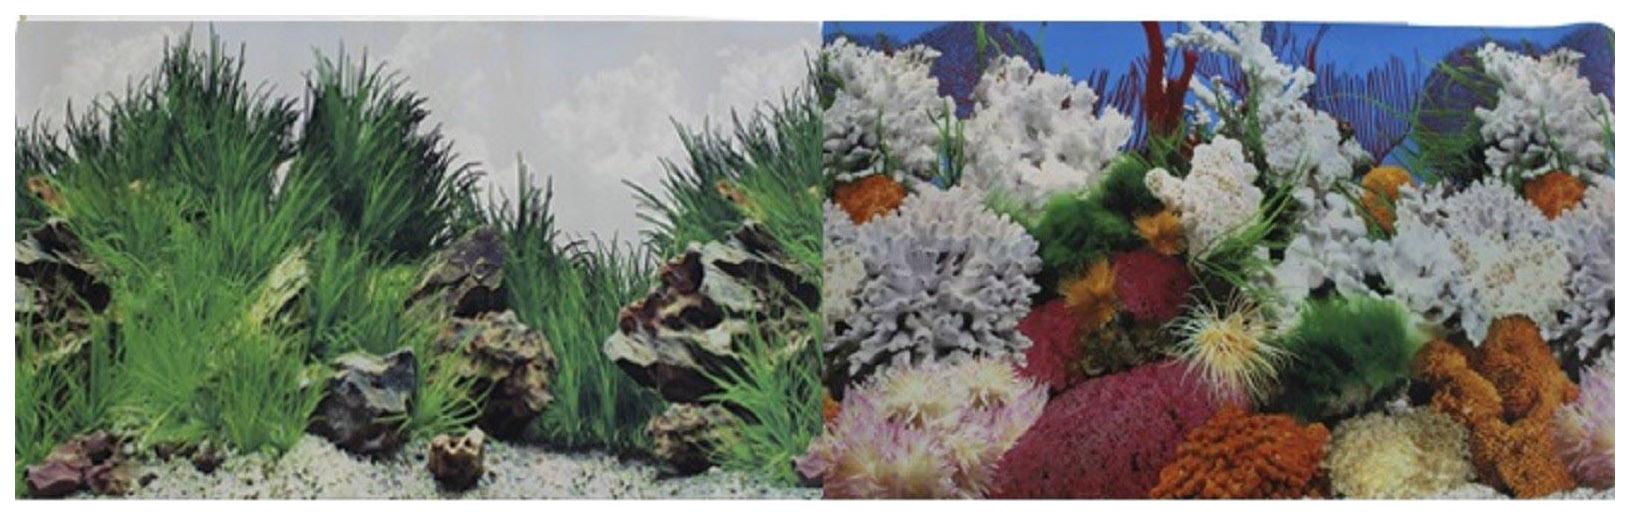 Фон для аквариума Prime Морской пейзаж/Подводный рельеф 60х150см